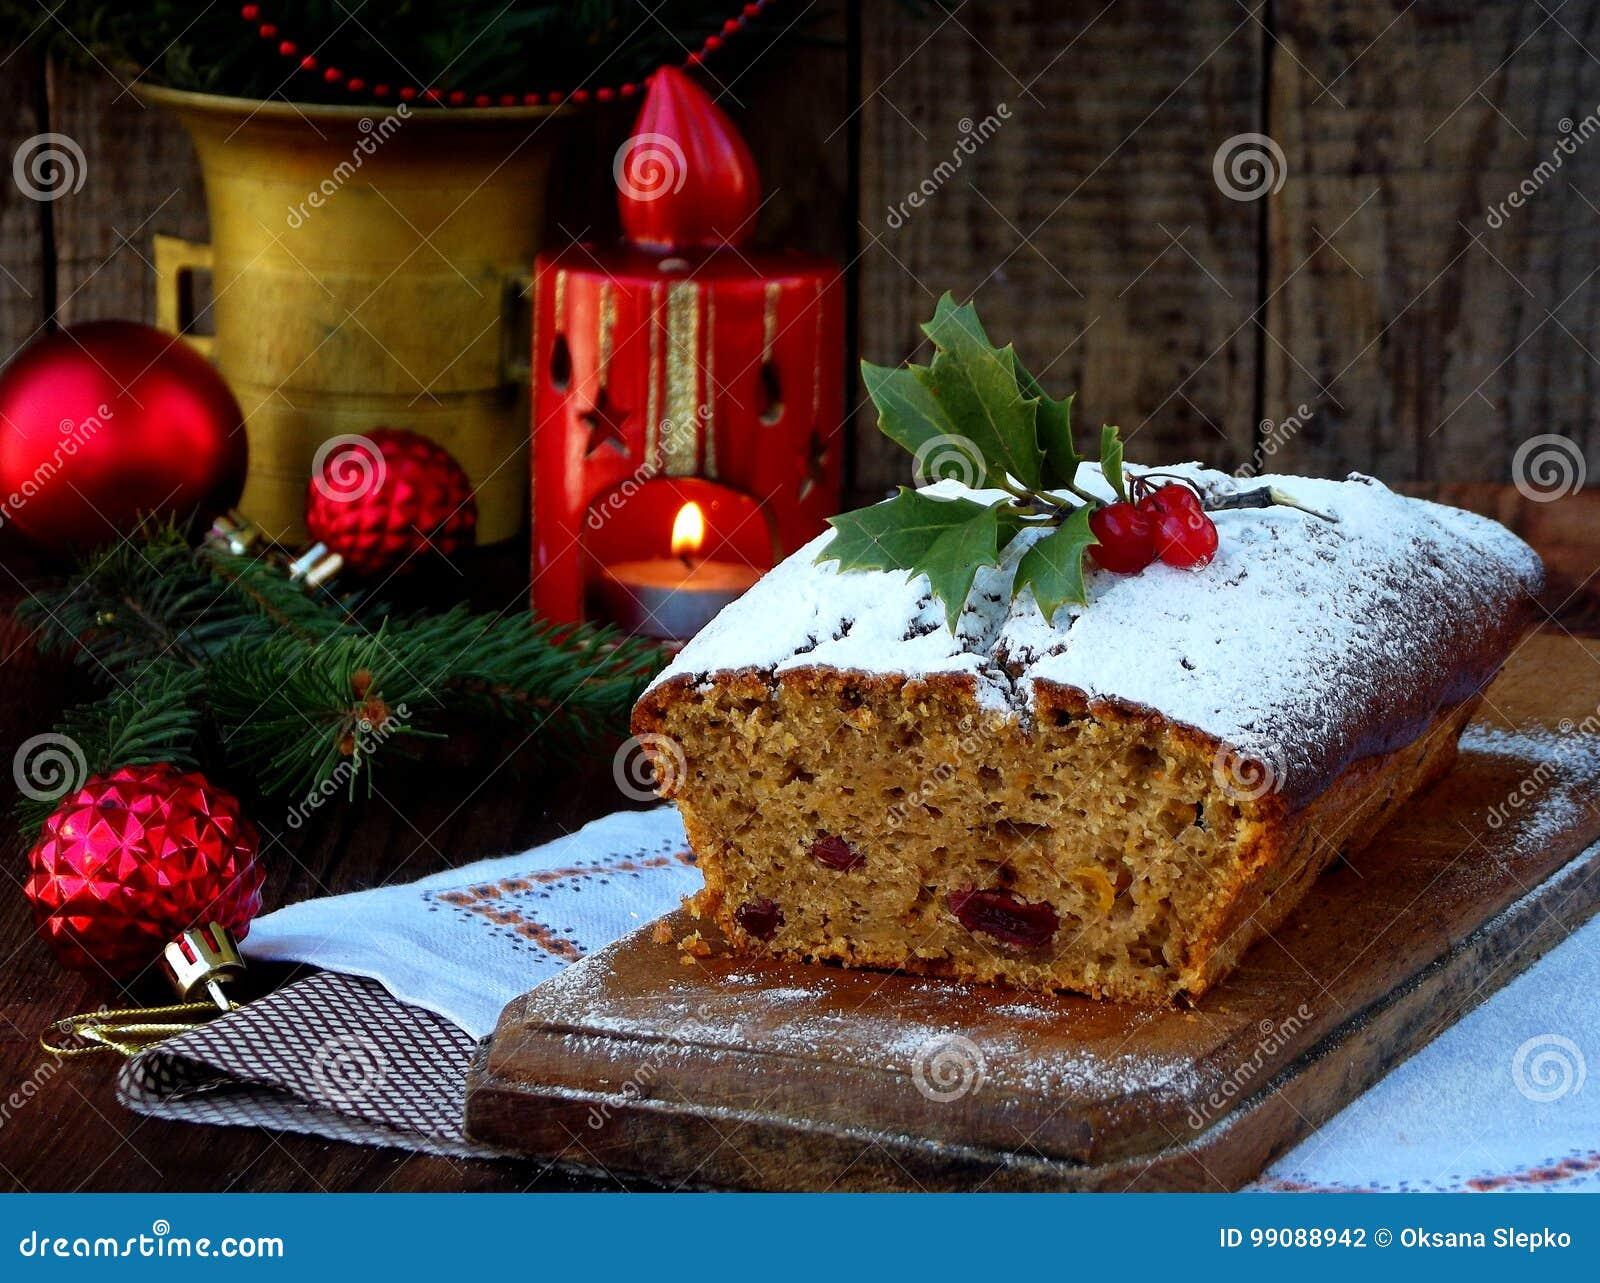 Traditionell jul bär frukt kakan som dekoreras med pudrade socker- och mas-garneringar, stearinljus kopiera avstånd Lantlig stil